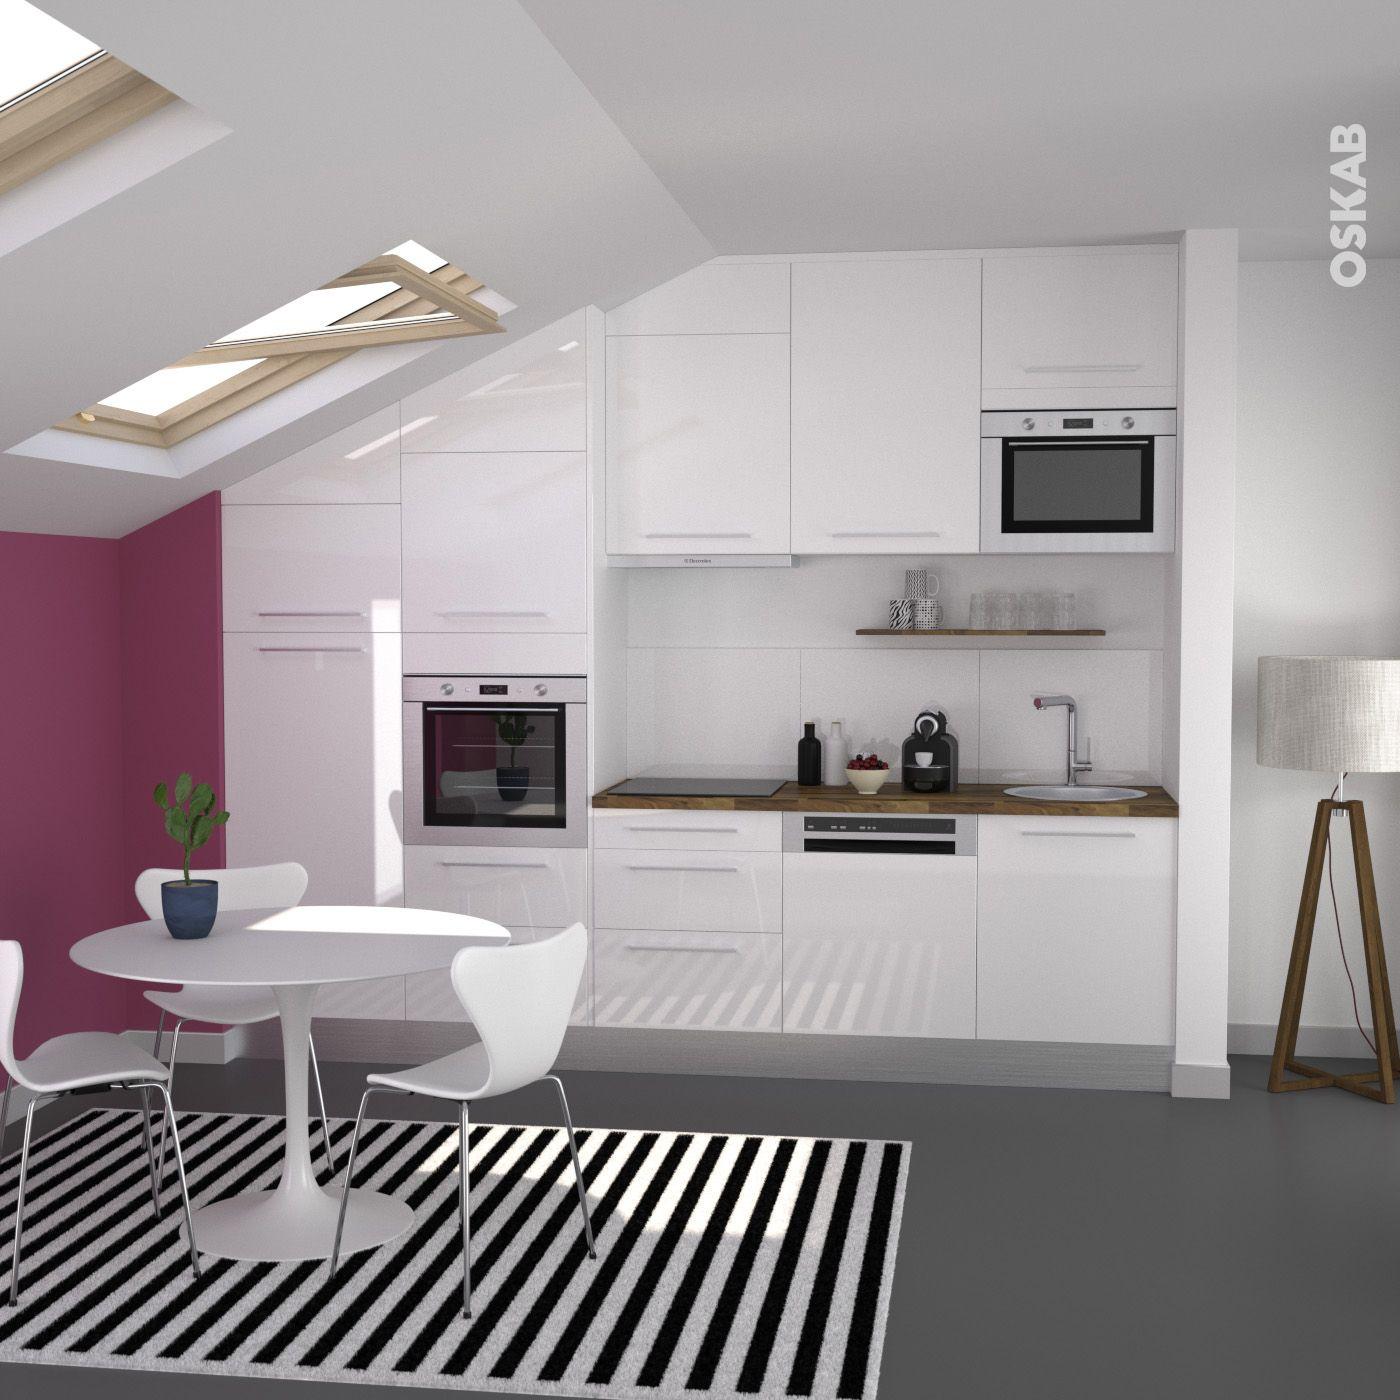 Couleur Des Murs Pour Une Cuisine: Cuisine Blanche Moderne Façade BORA Blanc Brillant